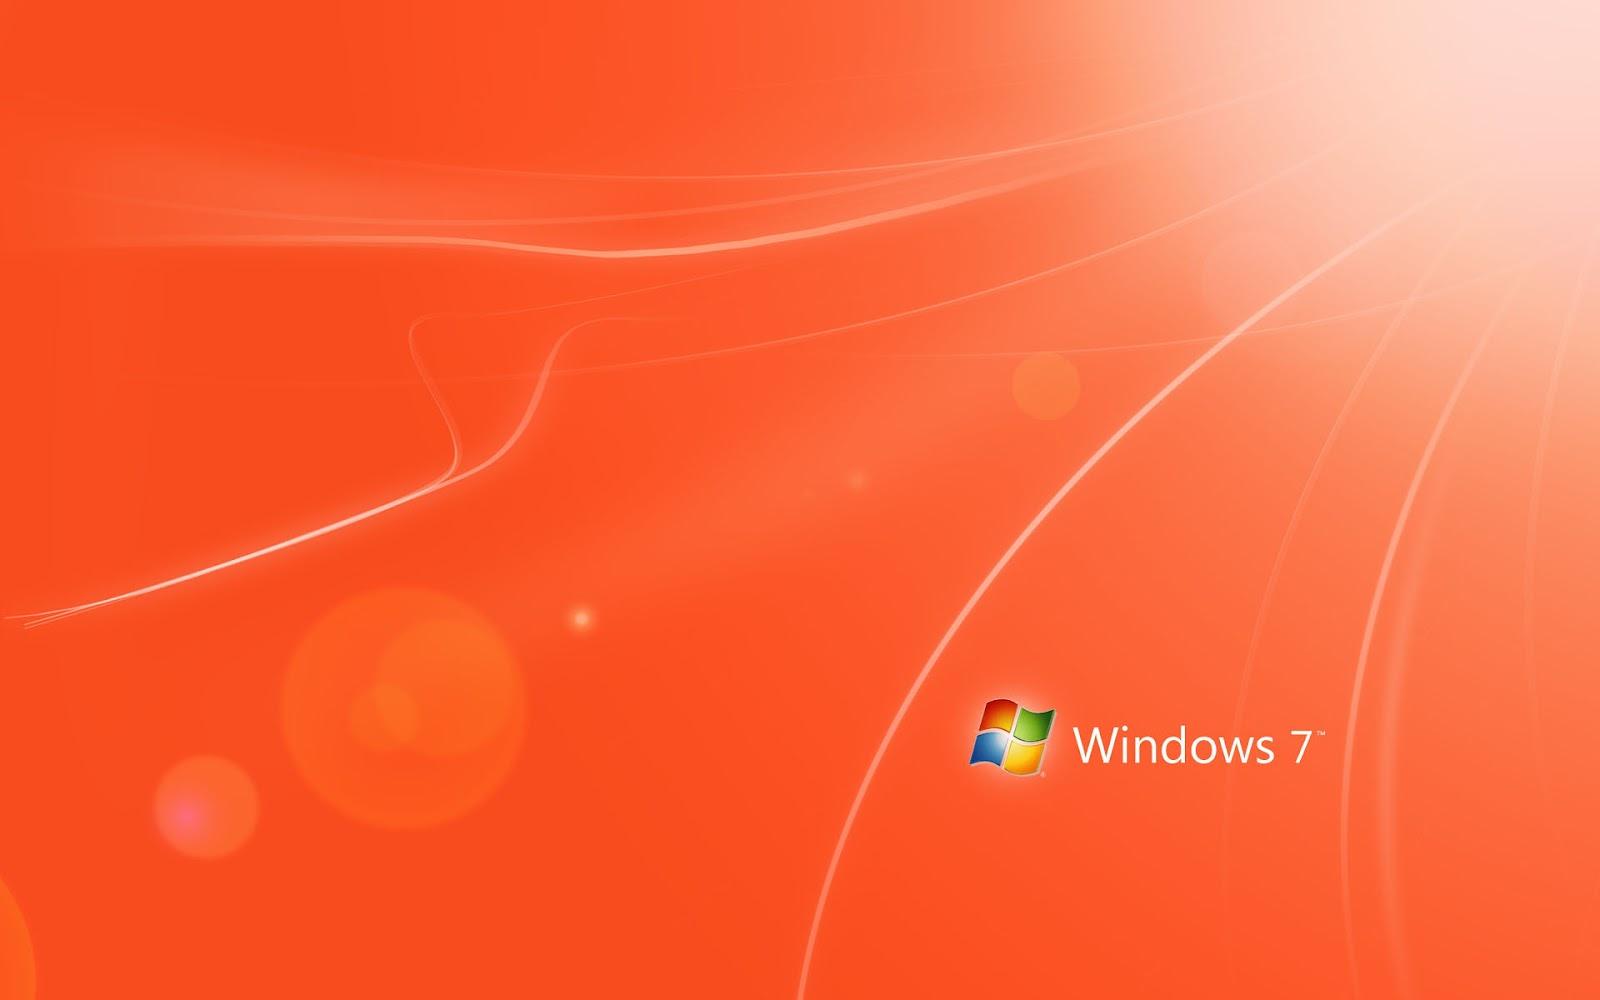 http://3.bp.blogspot.com/-Ha6WDJDH5bs/T-nbyty24DI/AAAAAAAABqg/LM3Bpdi8stk/s1600/Windows+7+Wallpapers23.jpg